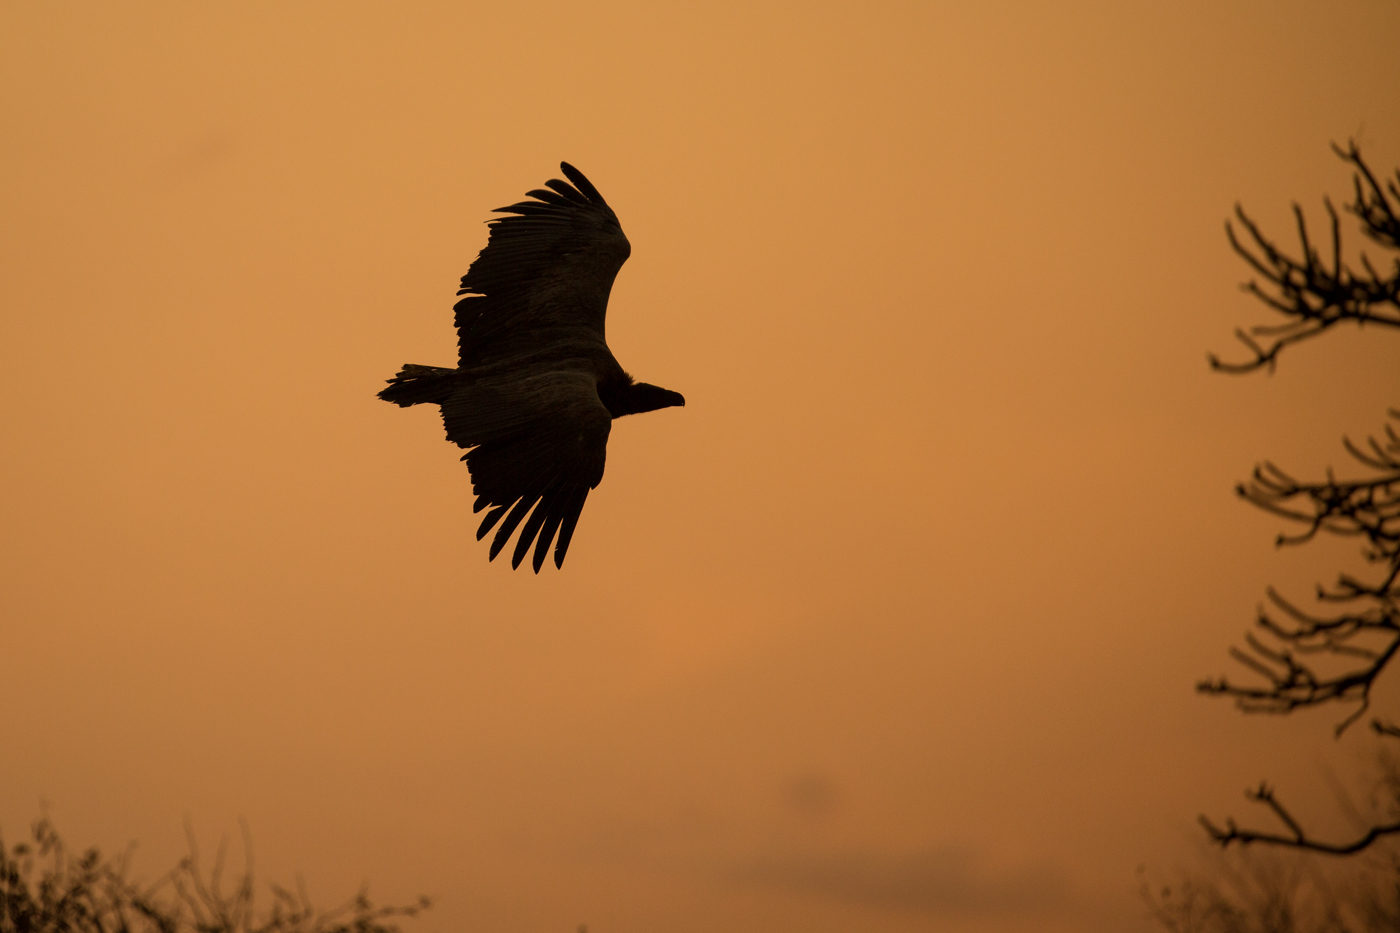 vulture-silhouette